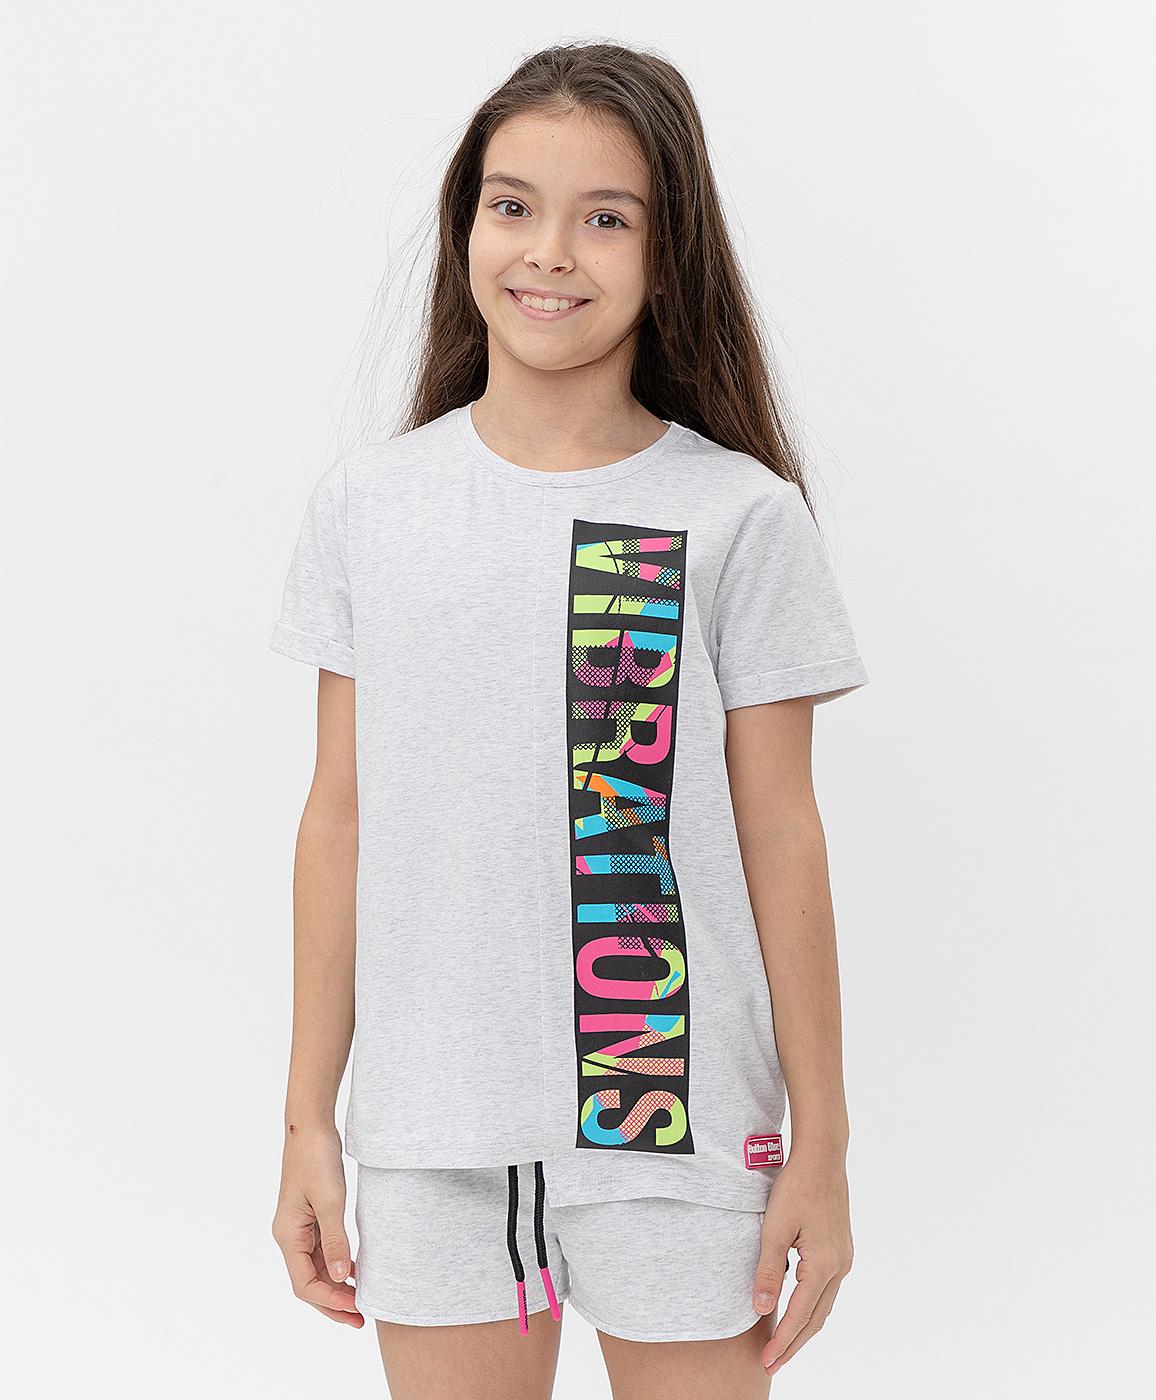 Купить 121BBGJC12011900, Серая футболка Button Blue, серый, 134, Кроёный трикотаж, Женский, Лето, ВЕСНА/ЛЕТО 2021 (shop: GulliverMarket Gulliver Market)